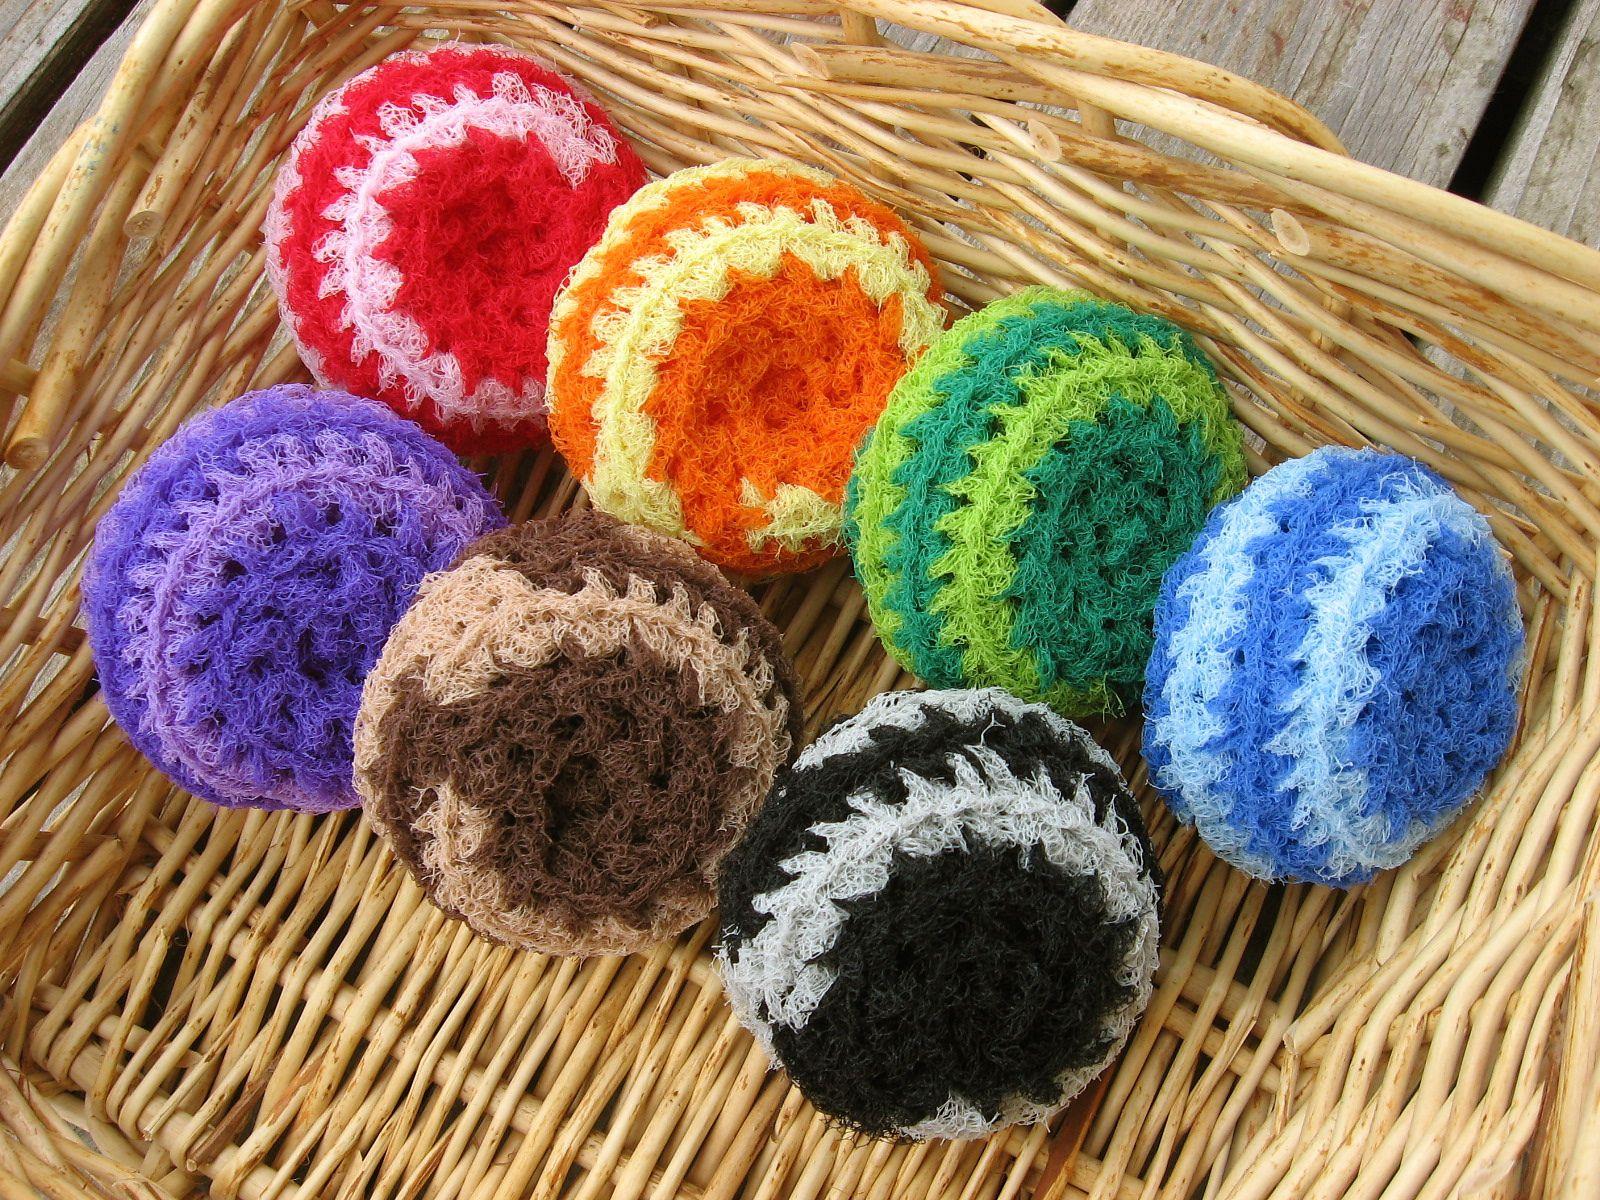 Ravelry nylon net scrubbies pattern by melanie larsen ravelry nylon net scrubbies pattern by melanie larsen bankloansurffo Gallery